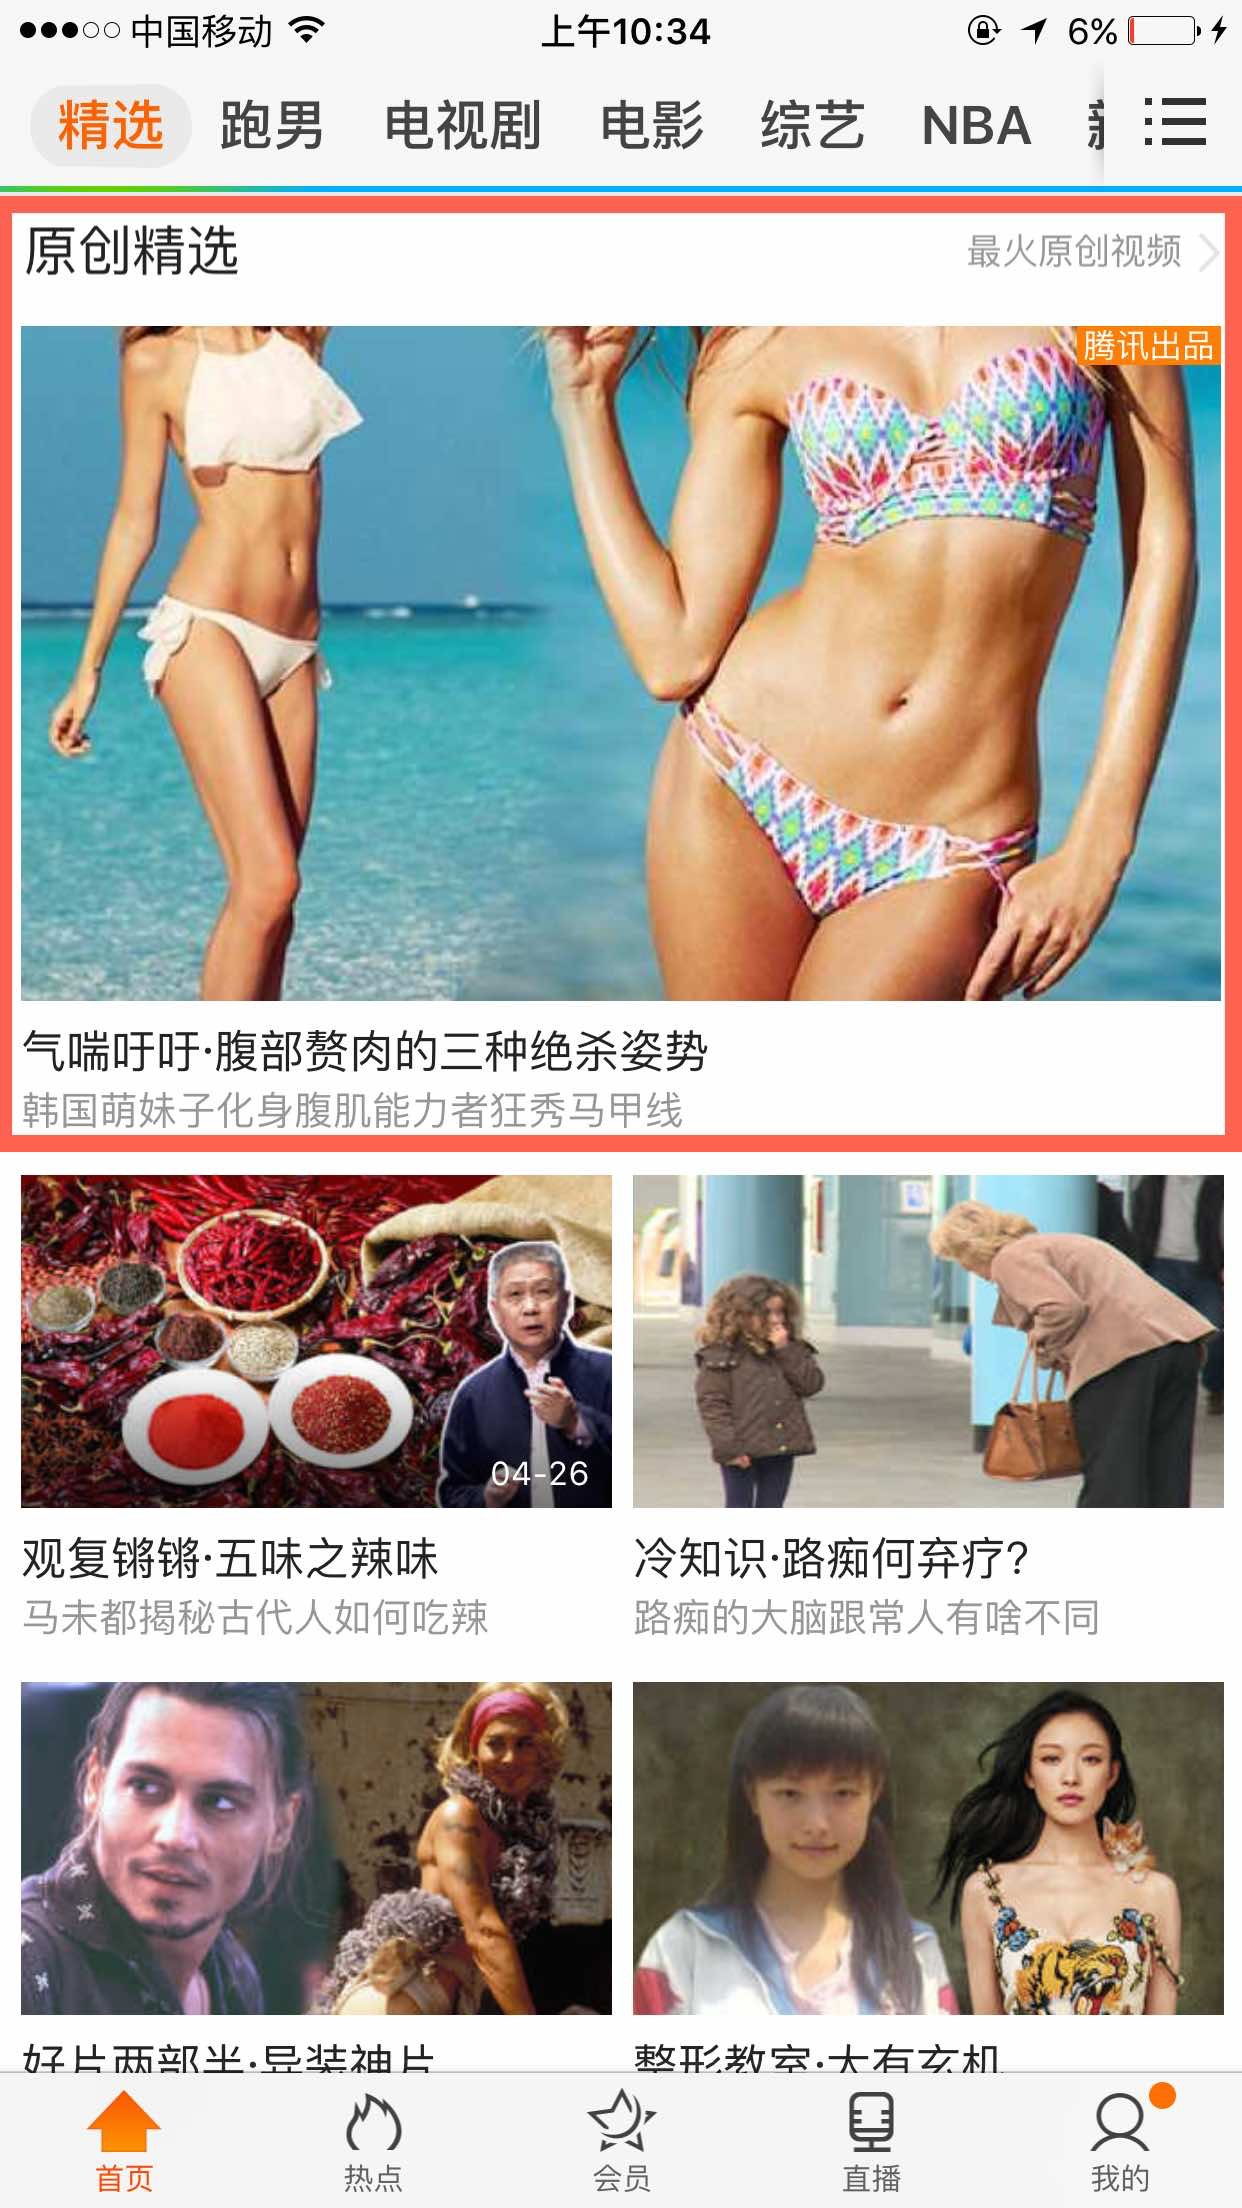 气喘吁吁06 腾讯视频app 精选版块原创精选大图推荐